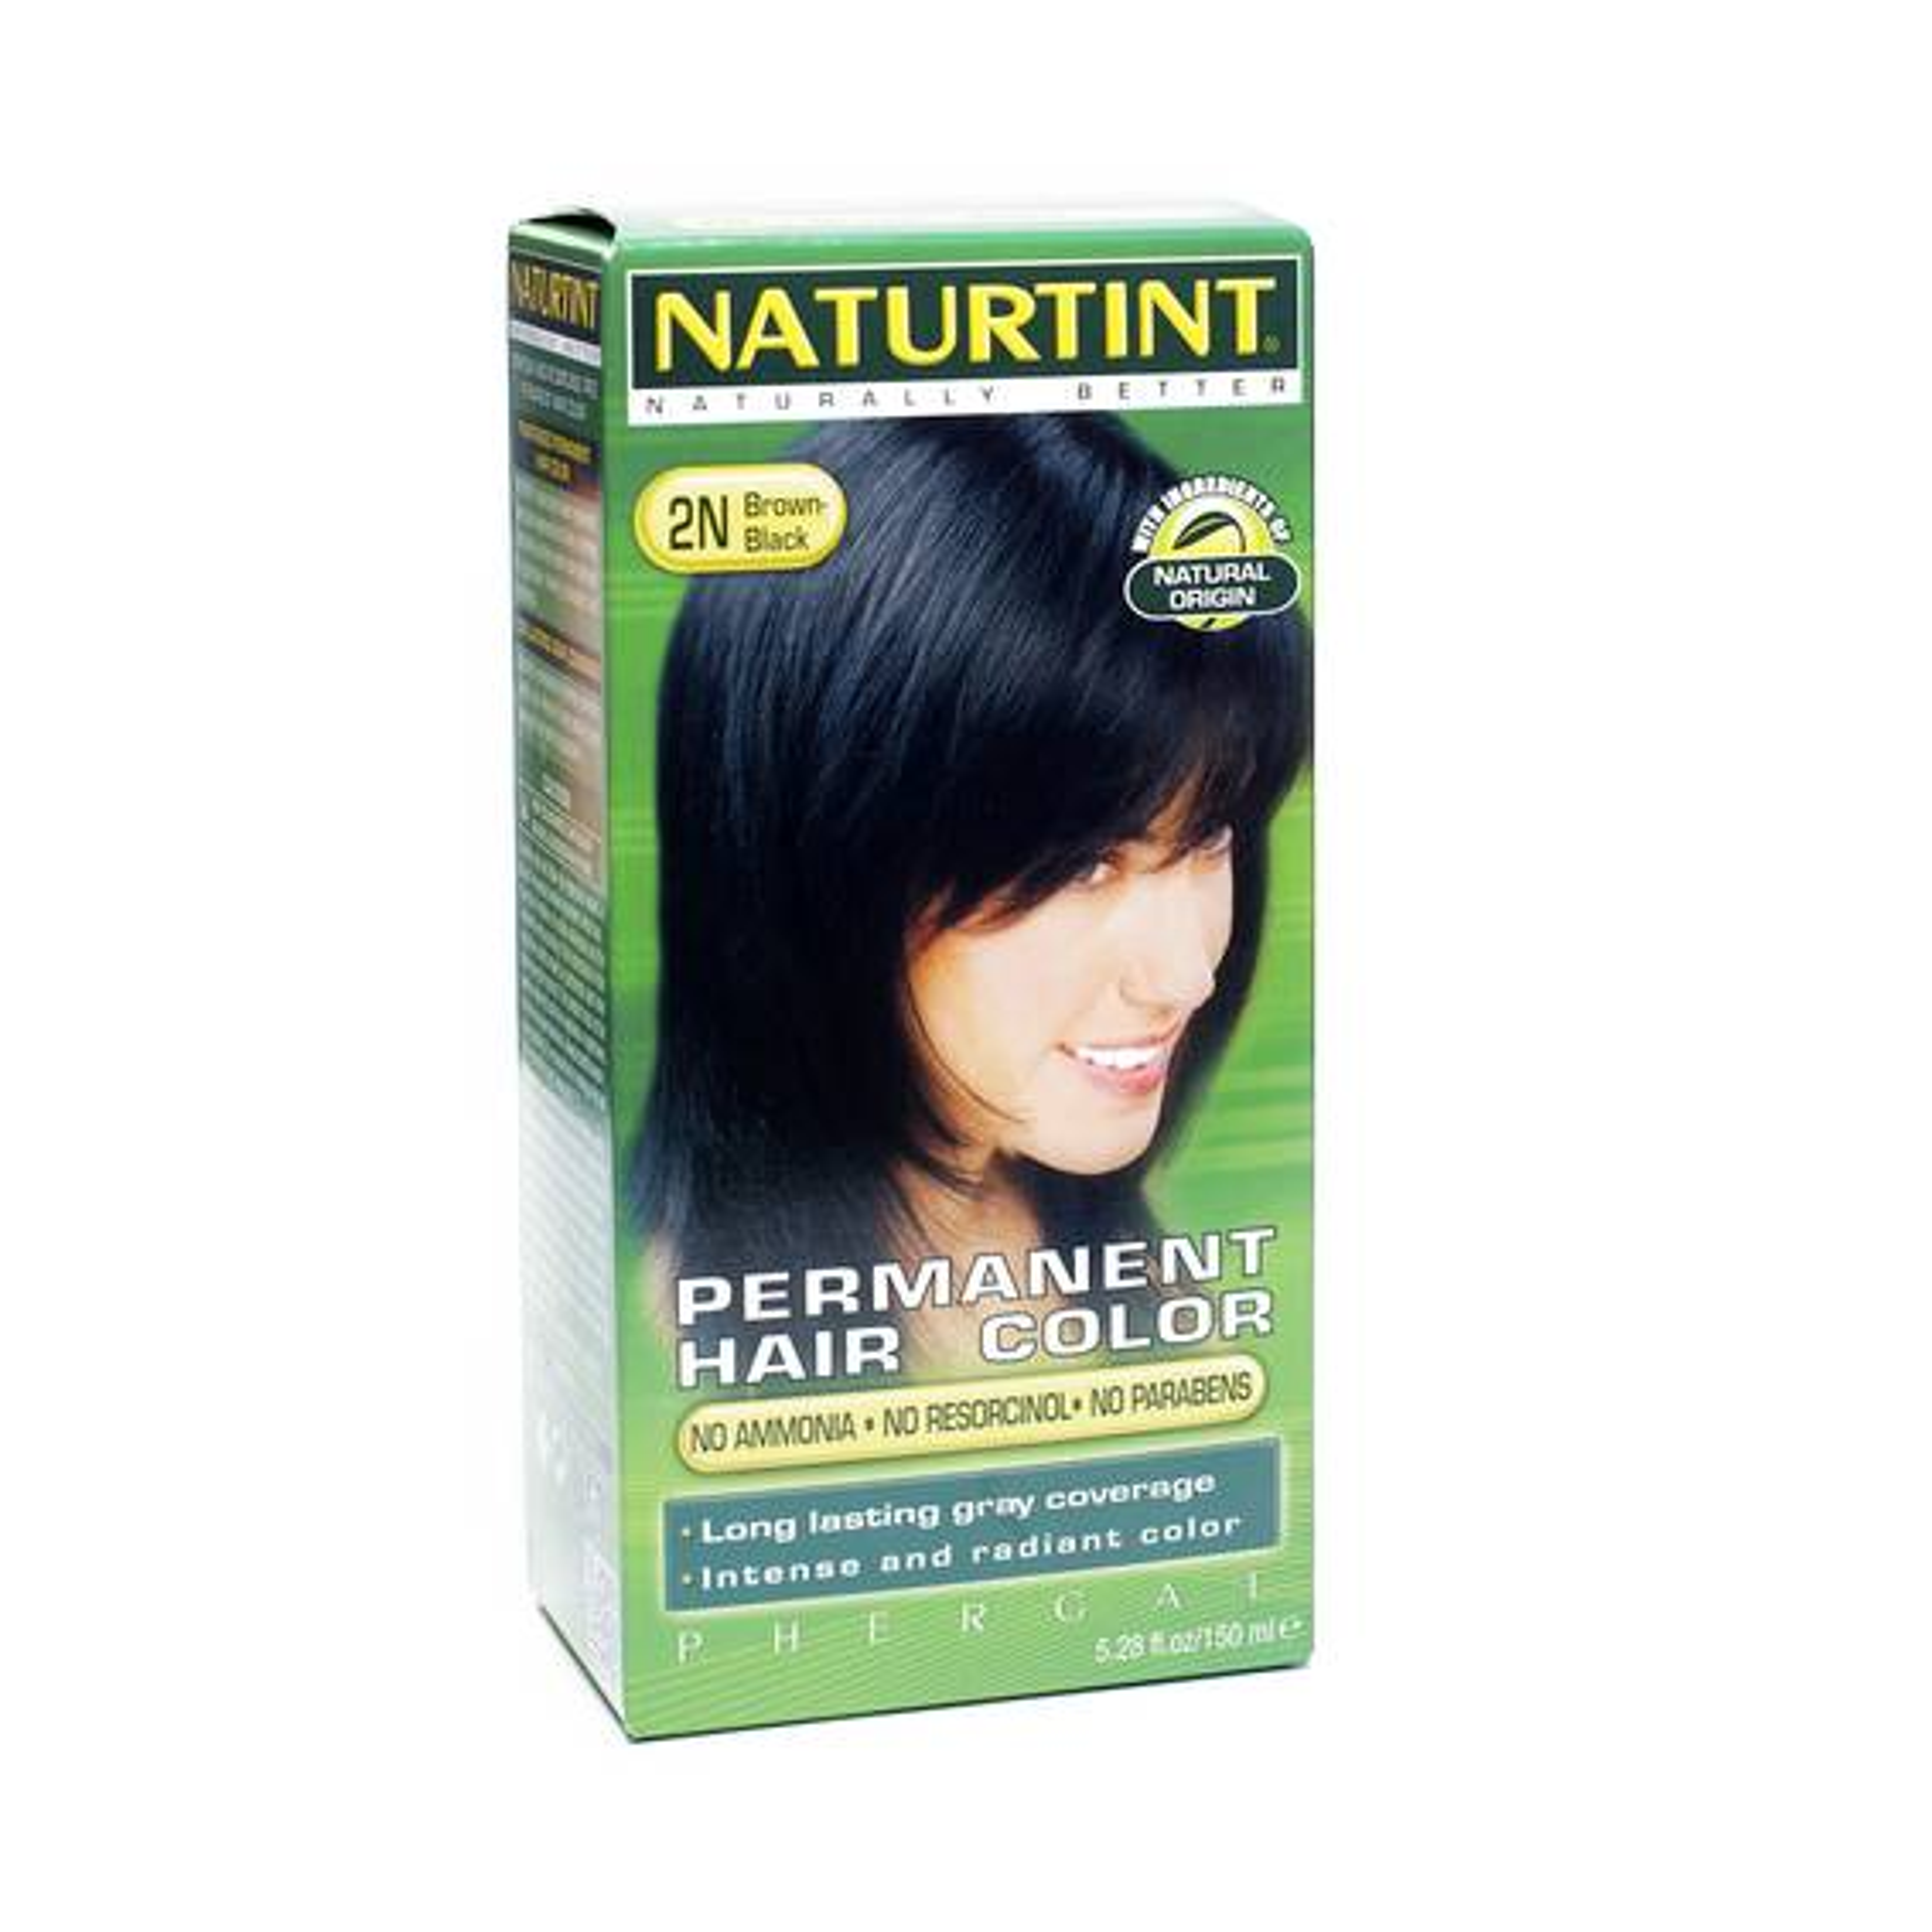 Permanent Hair Color - Brown/Black 2N